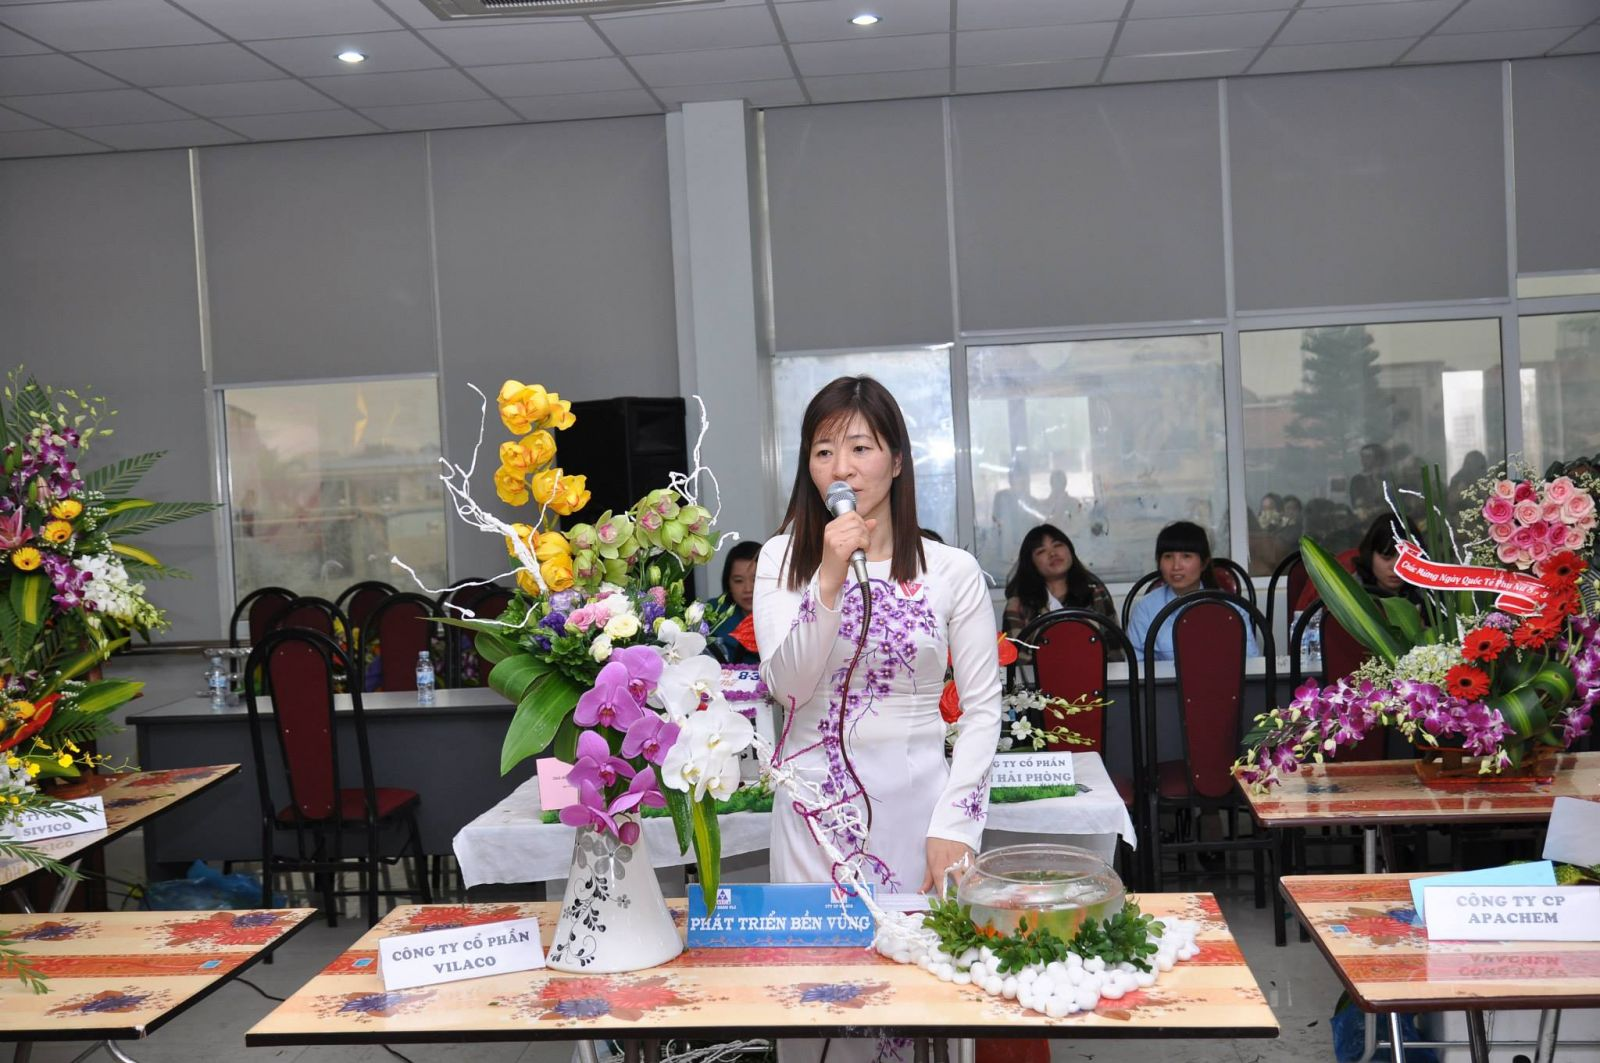 Hội thi cắm hoa chào mừng ngày quốc tế phụ nữ 8-3-2014